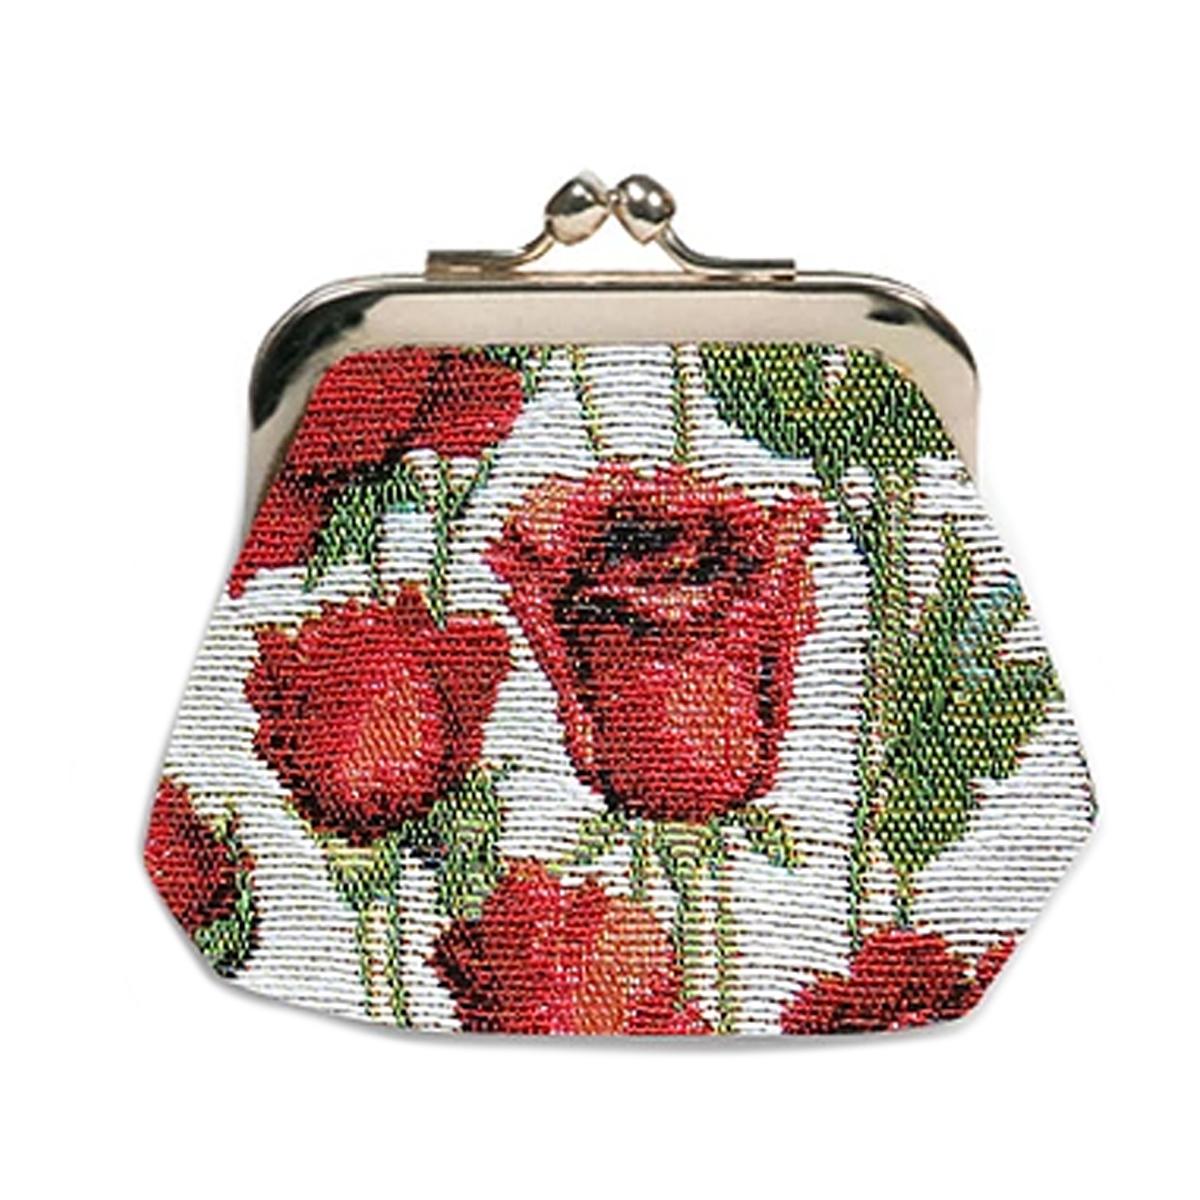 Porte-monnaie artisanal \'Royal Tapisserie\' blanc rouge (roses rouges)  - 11x10x1 cm - [Q6313]